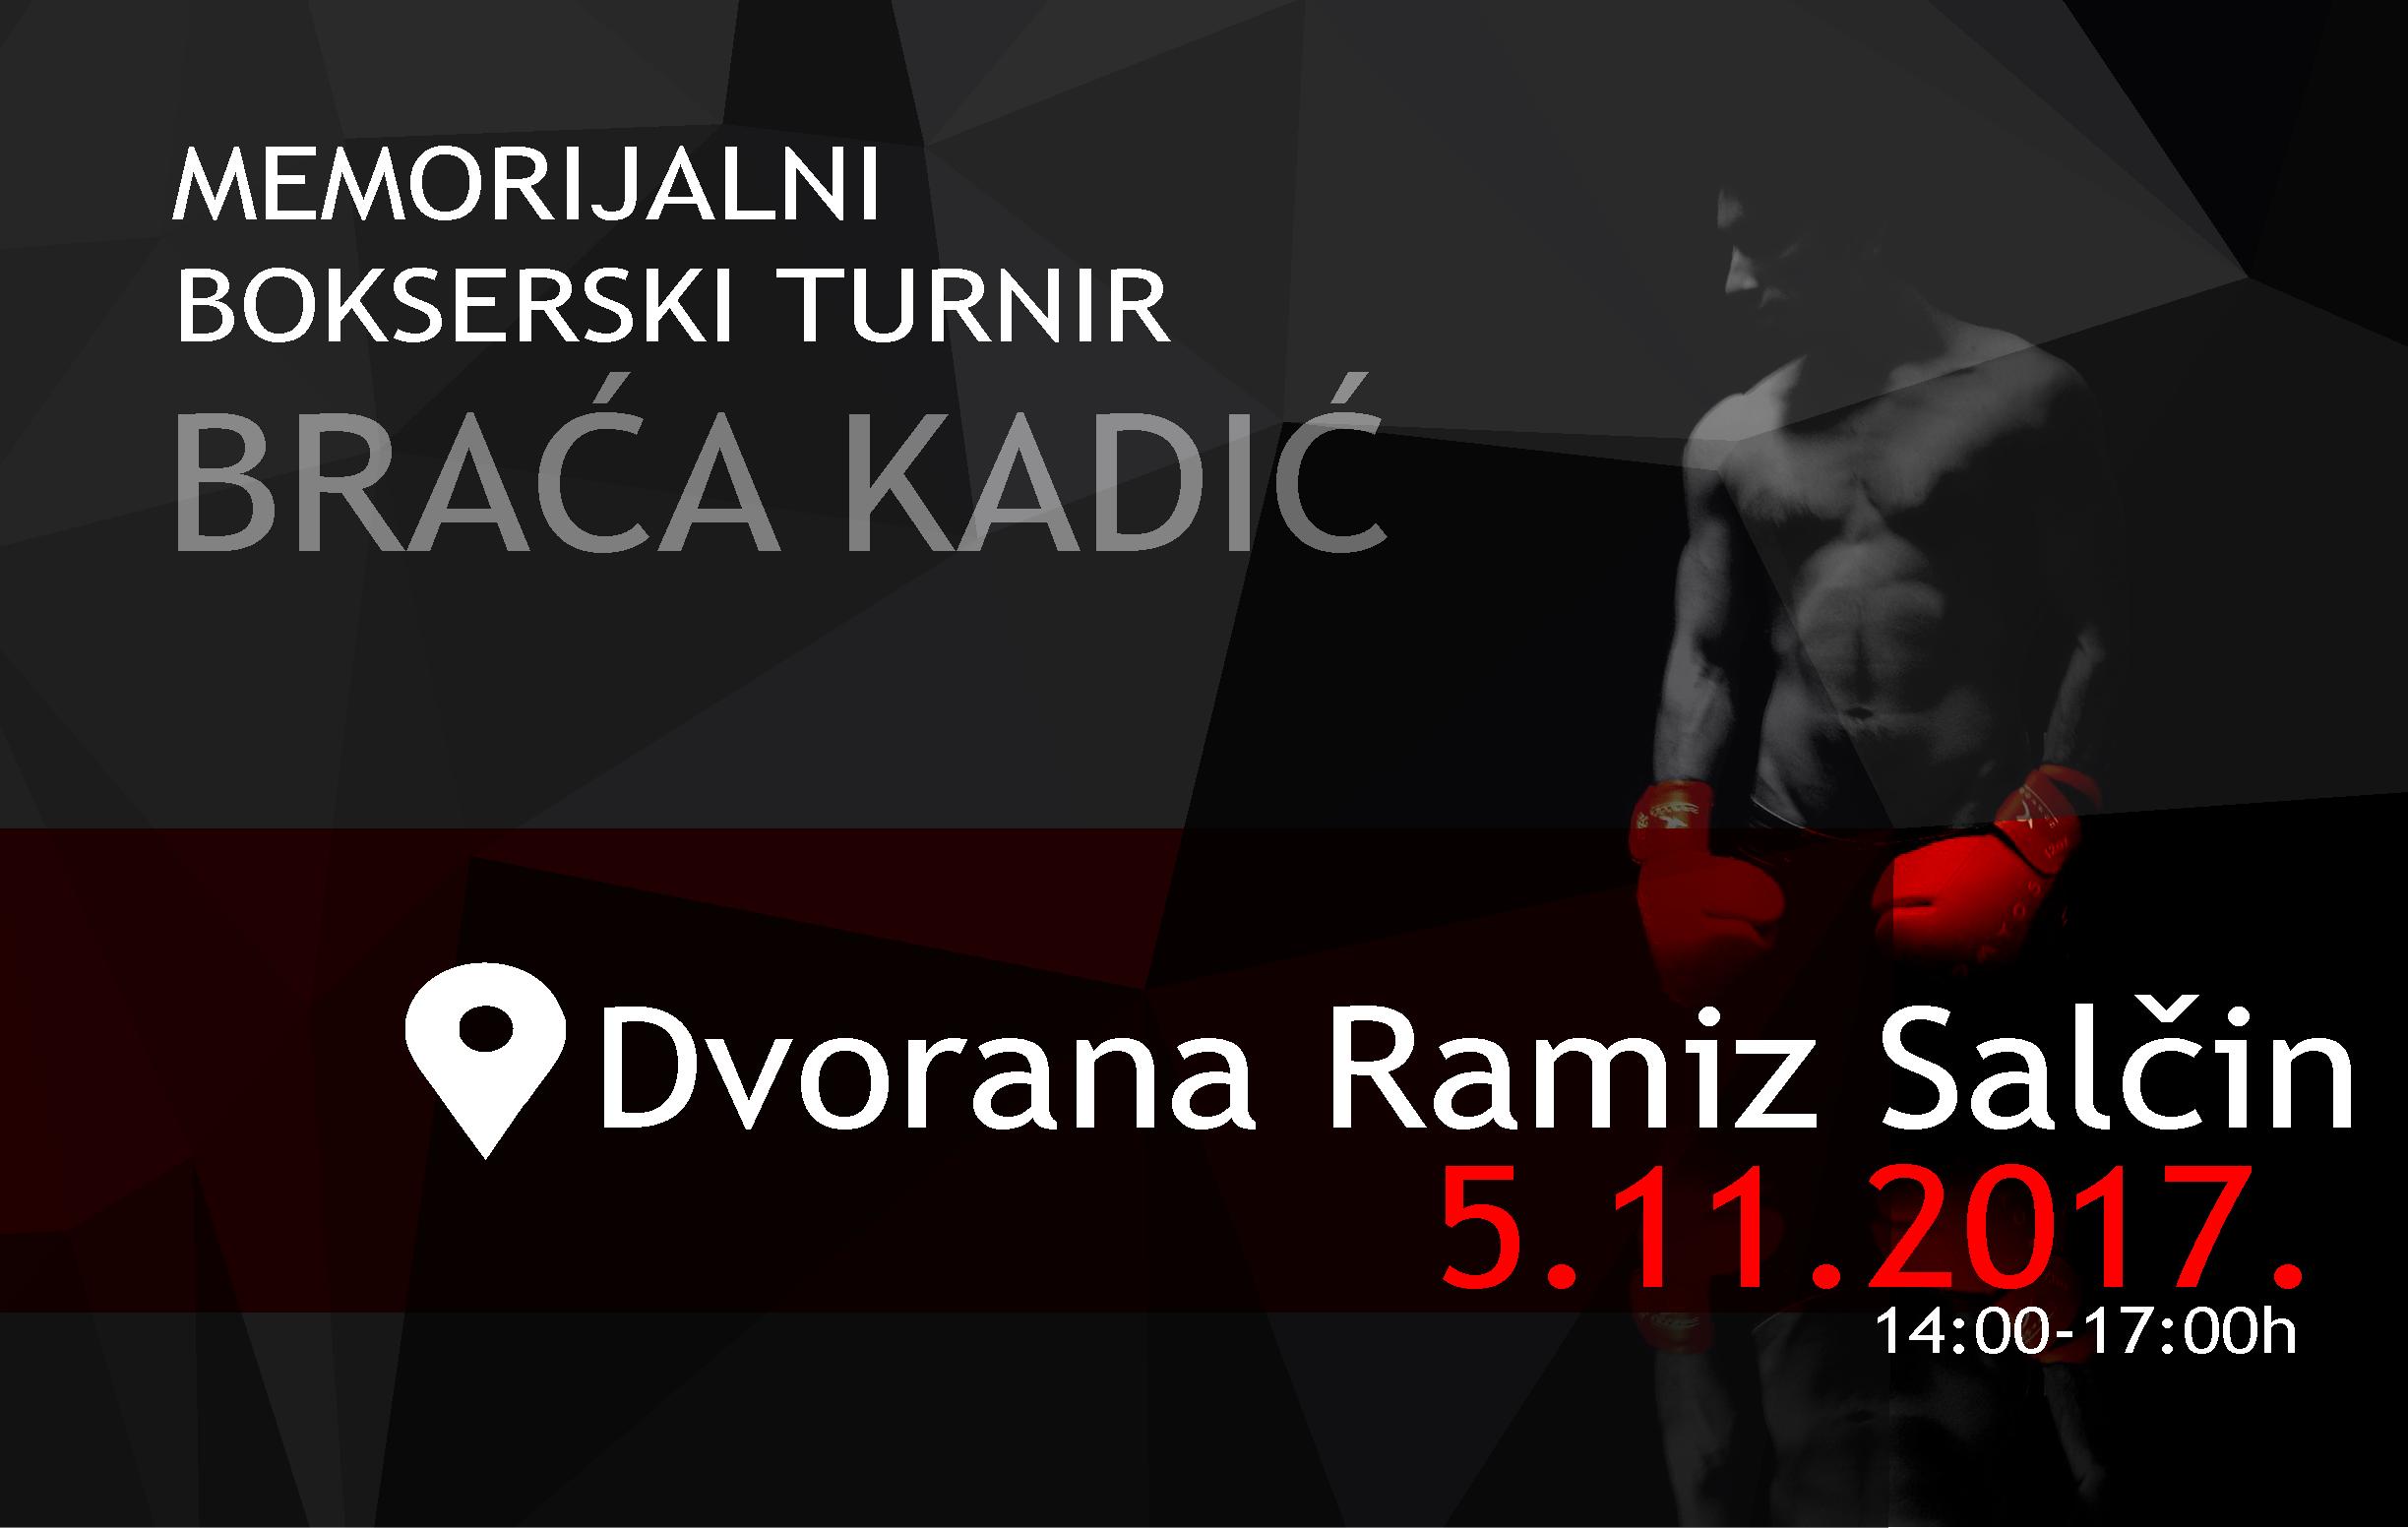 """Memorijalni bokserski turnir """"Braća Kadić"""" u dvorani """"Ramiz Salčin"""""""